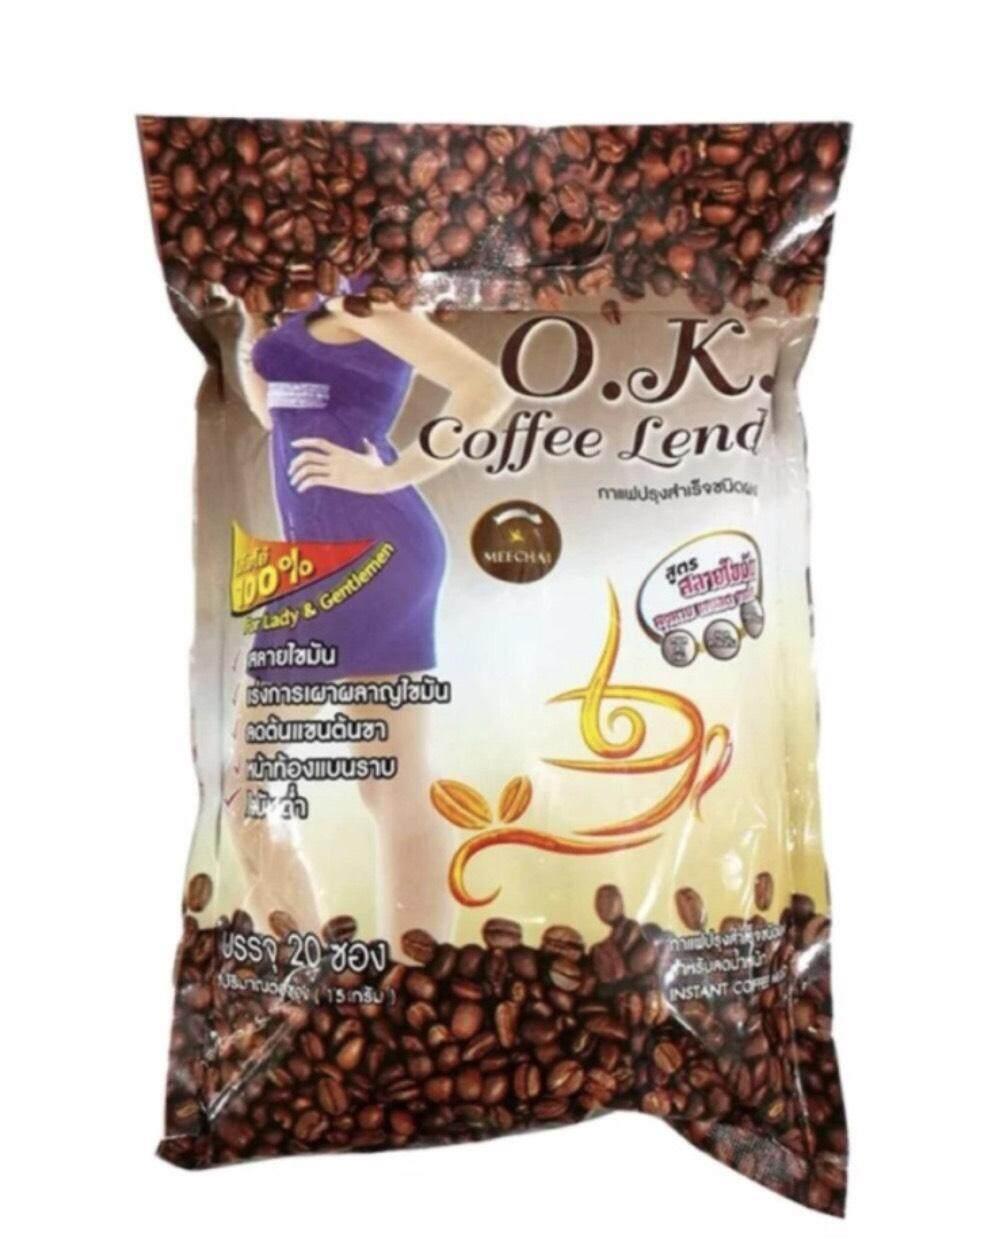 ขายดีมาก! ( ส่งด่วน KERRY ) O.K. Coffee Lend โอเค คอฟฟี่ เลนด์ กาแฟลดน้ำหนัก (1ห่อ / 20ซอง)